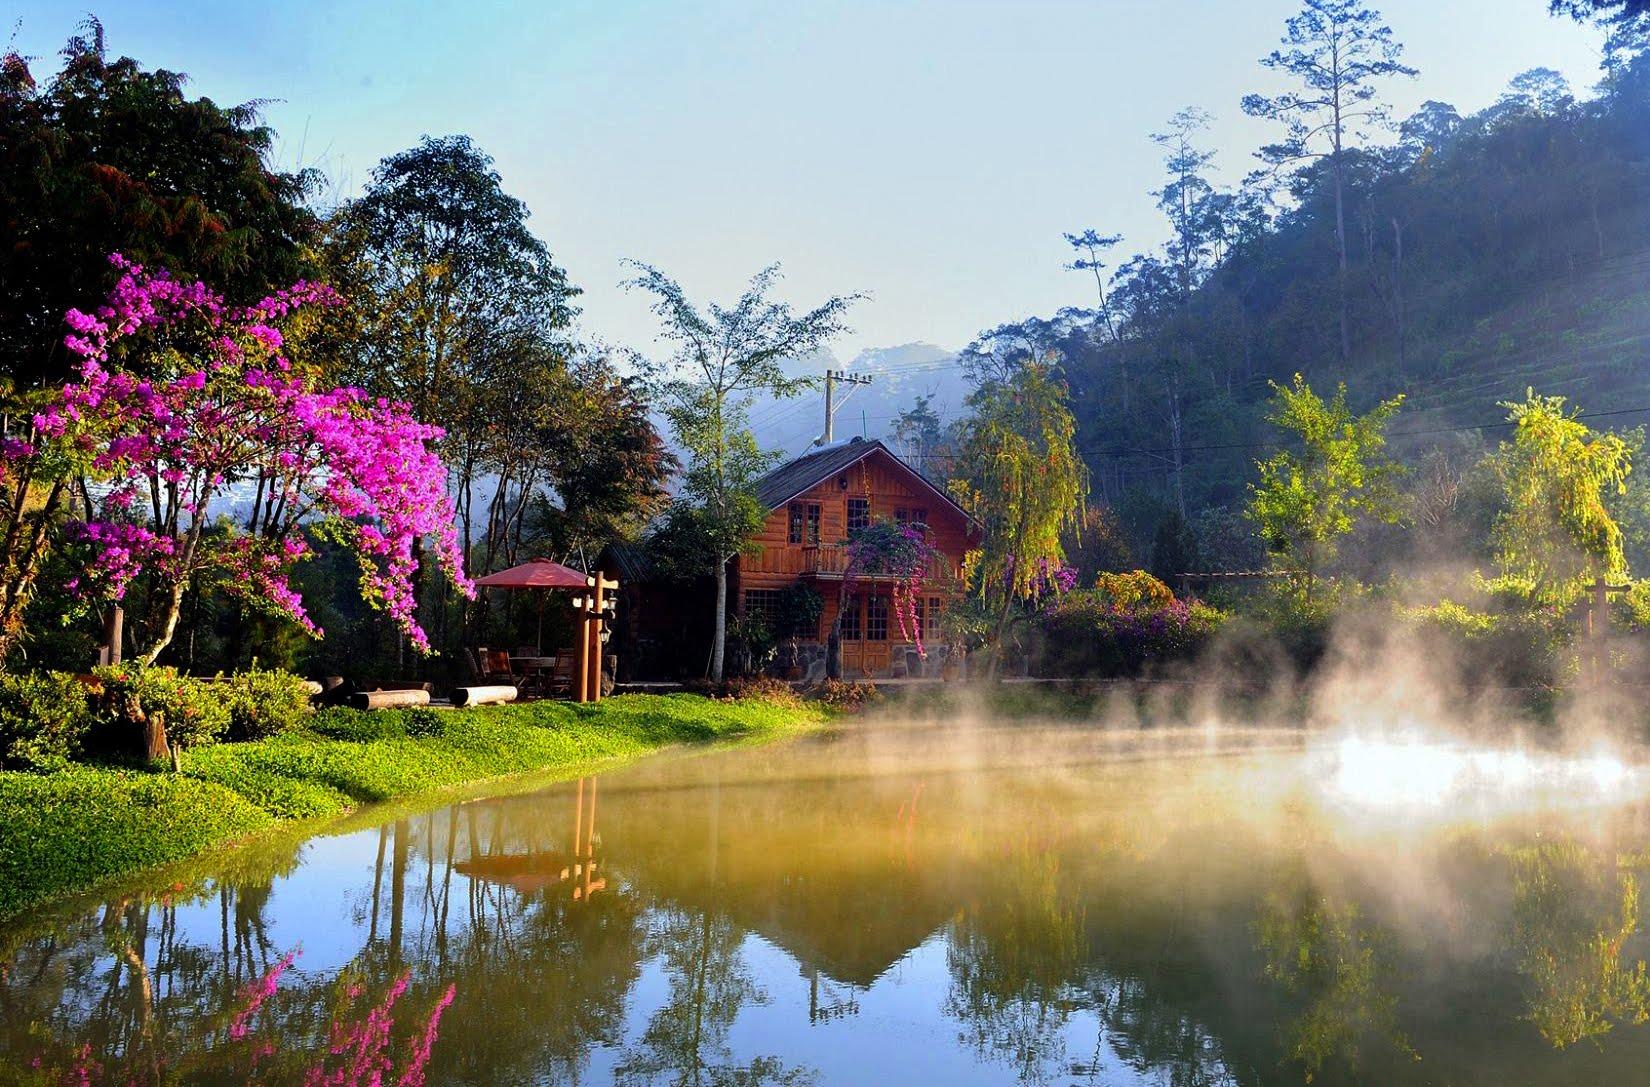 Ma rừng lữ quán đẹp mê hồn